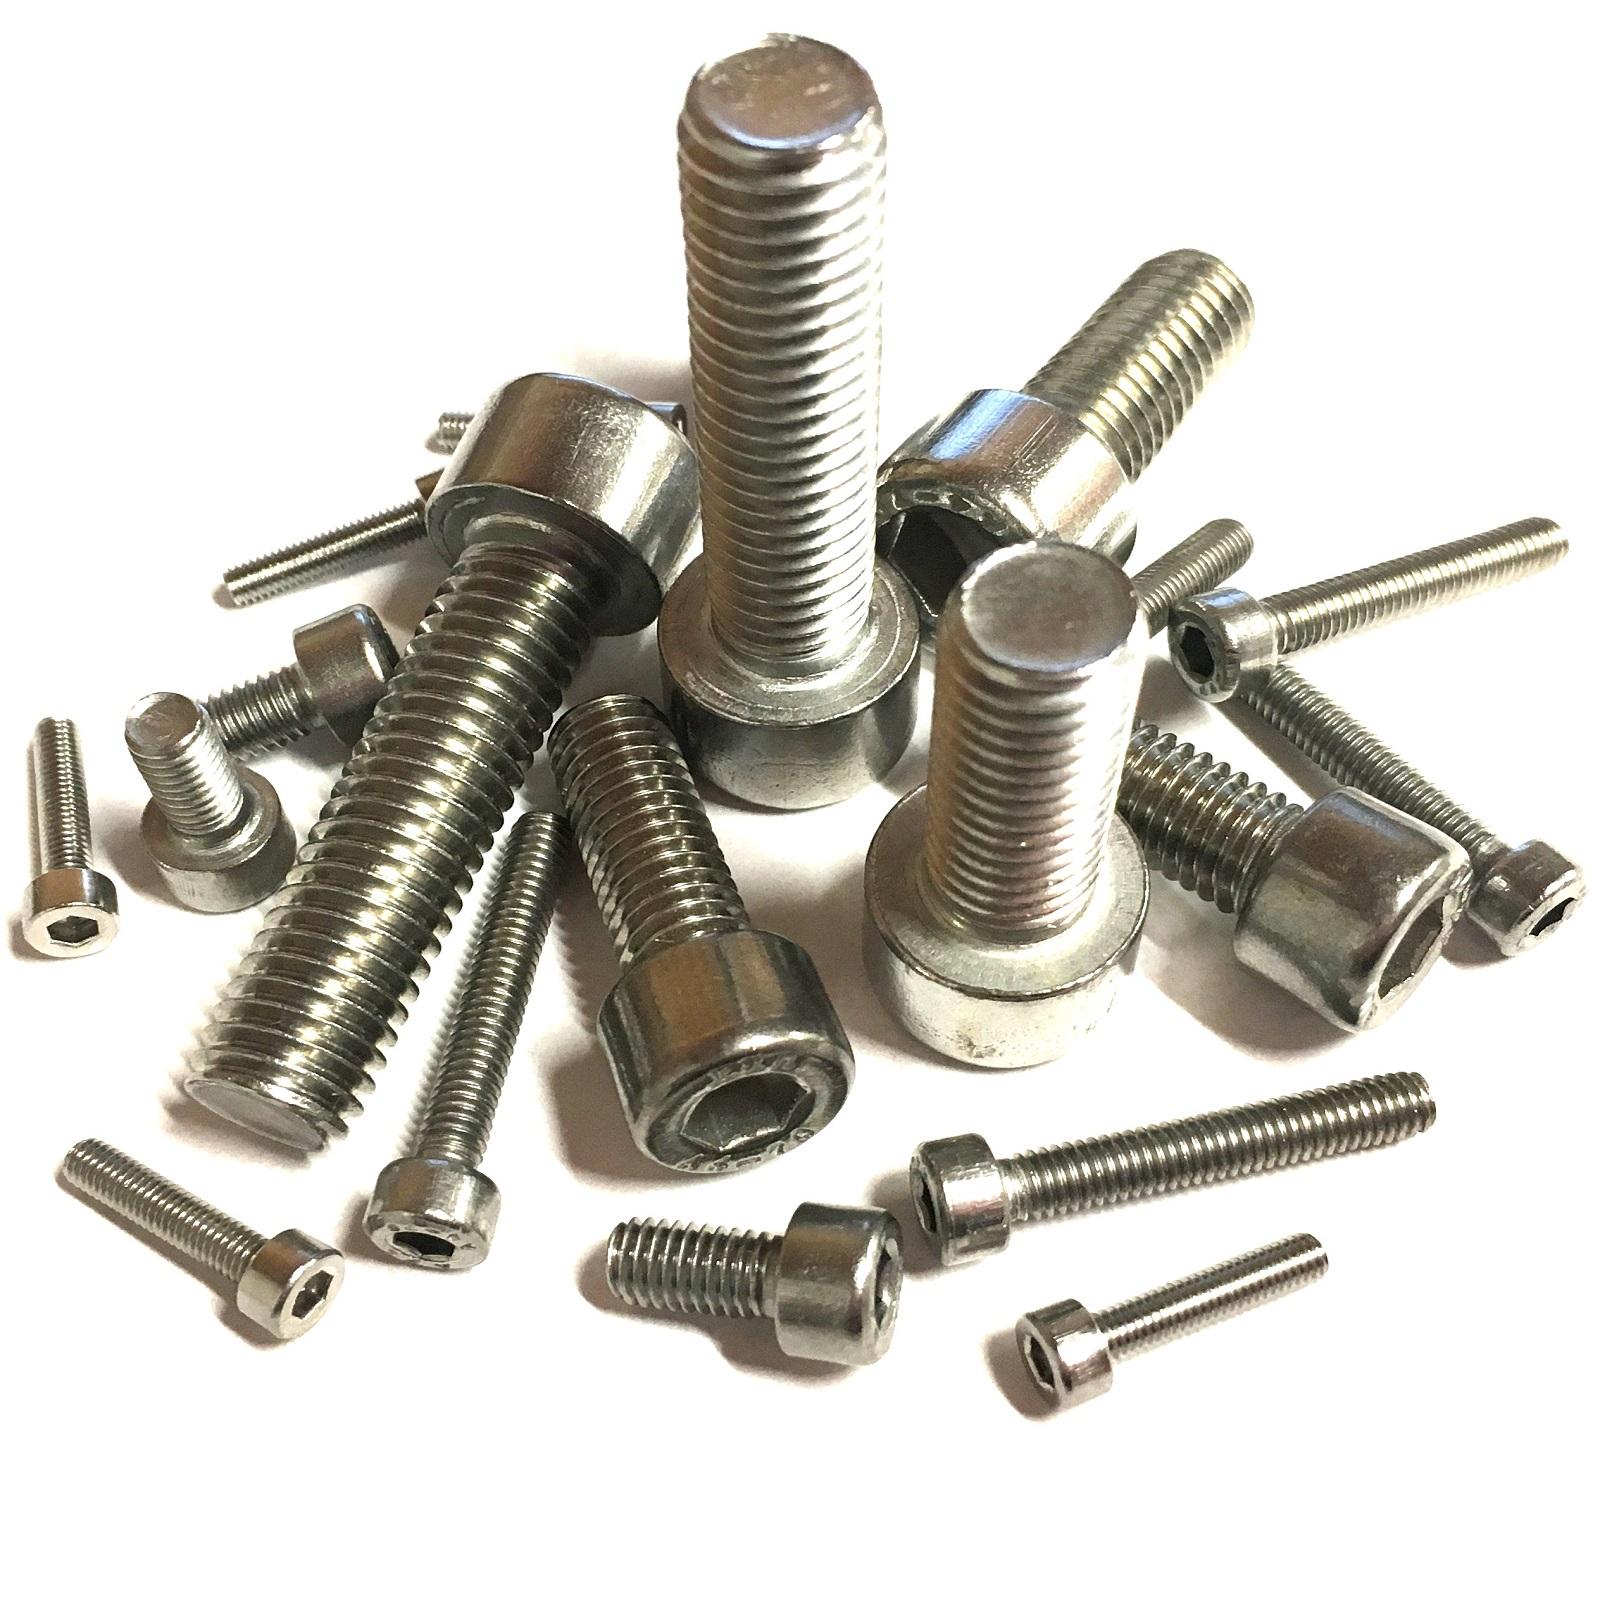 M3 A4 Acero Inoxidable Socket Tapa Tornillos 3mm Llave Allen De Pernos de cabeza hexagonal Marino